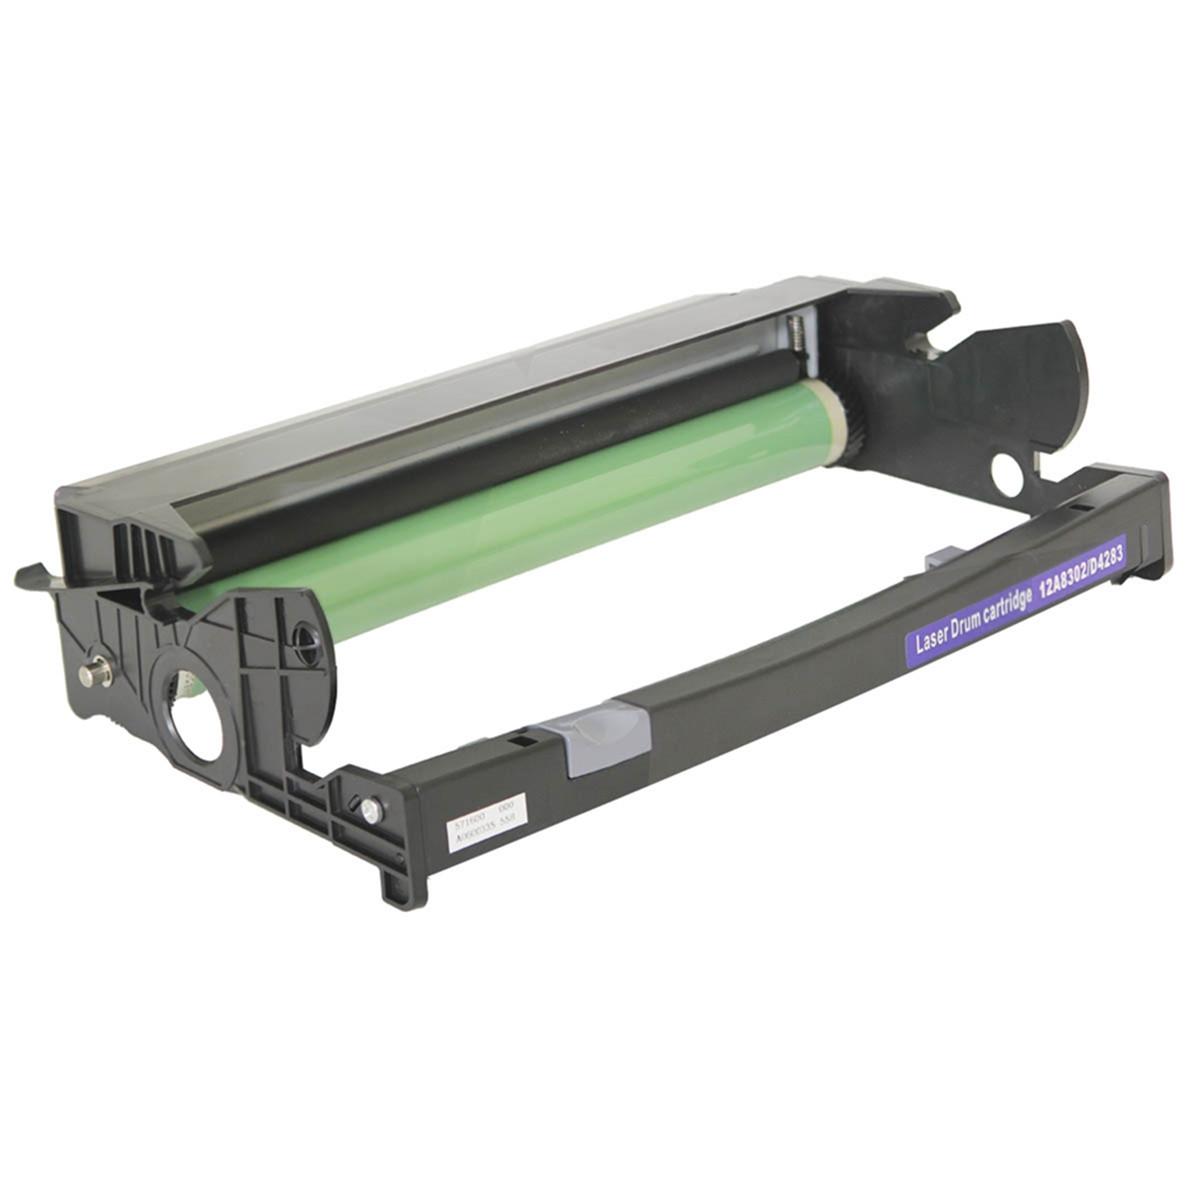 Cartucho de Cilindro Lexmark E230 E240 E330 E340 | 12A8302 | Compatível Importado